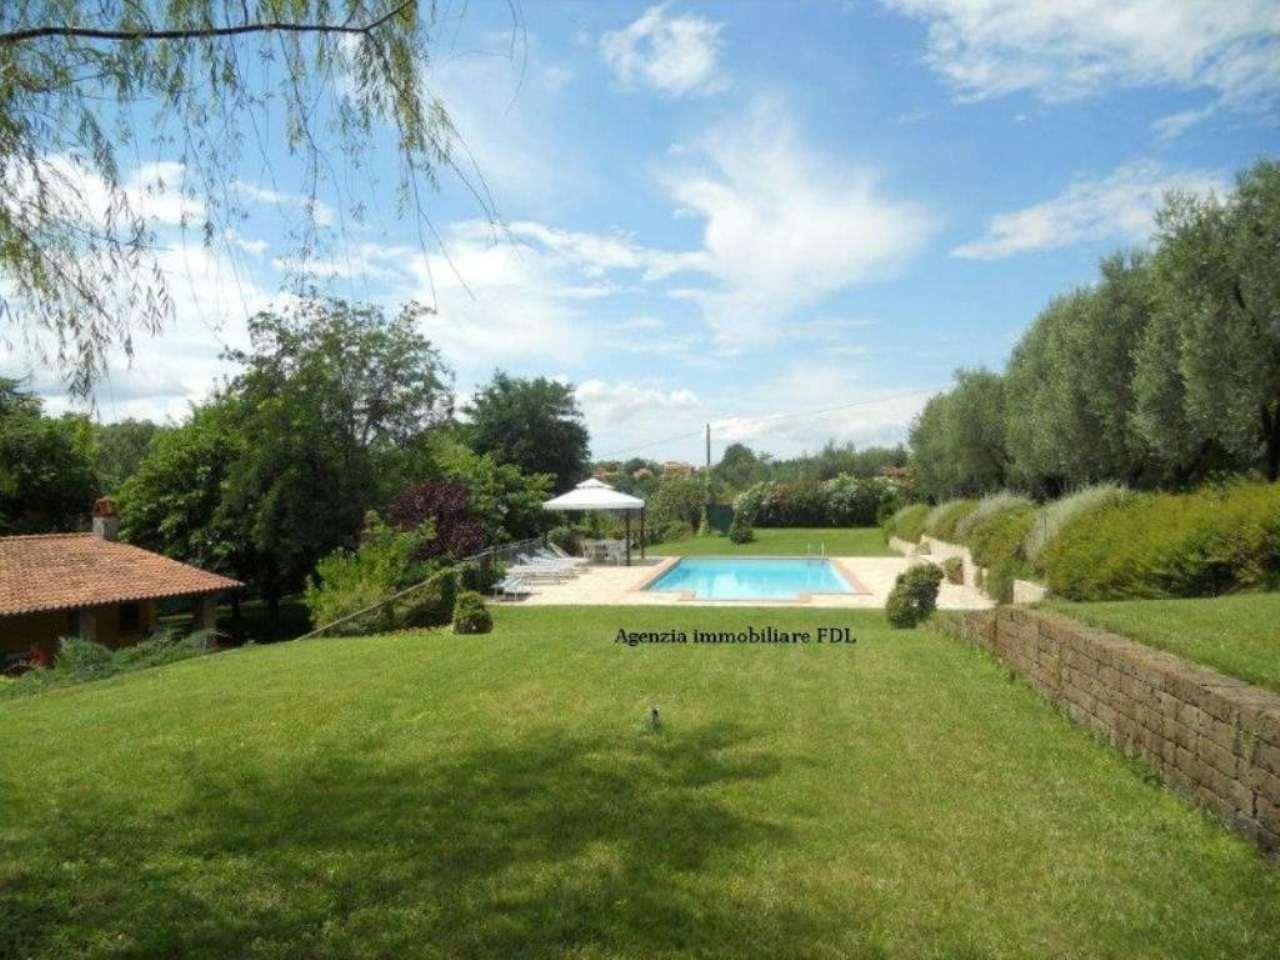 Soluzione Indipendente in vendita a Montopoli in Val d'Arno, 7 locali, prezzo € 580.000 | Cambio Casa.it